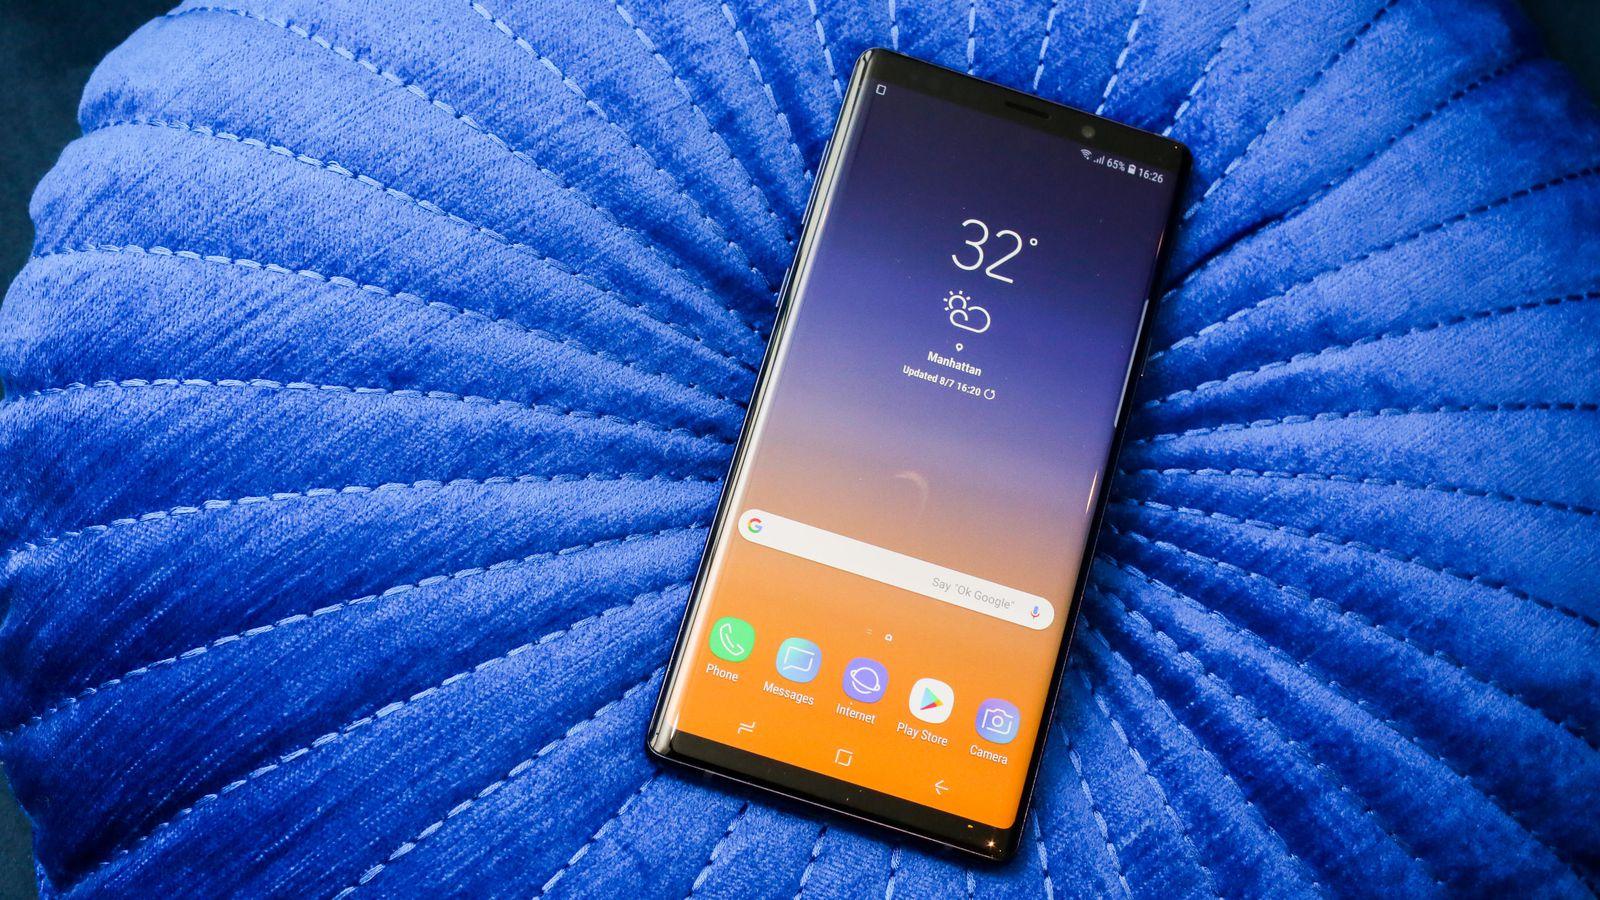 Le Galaxy Note 10 disposerait d'un écran de taille impressionnante